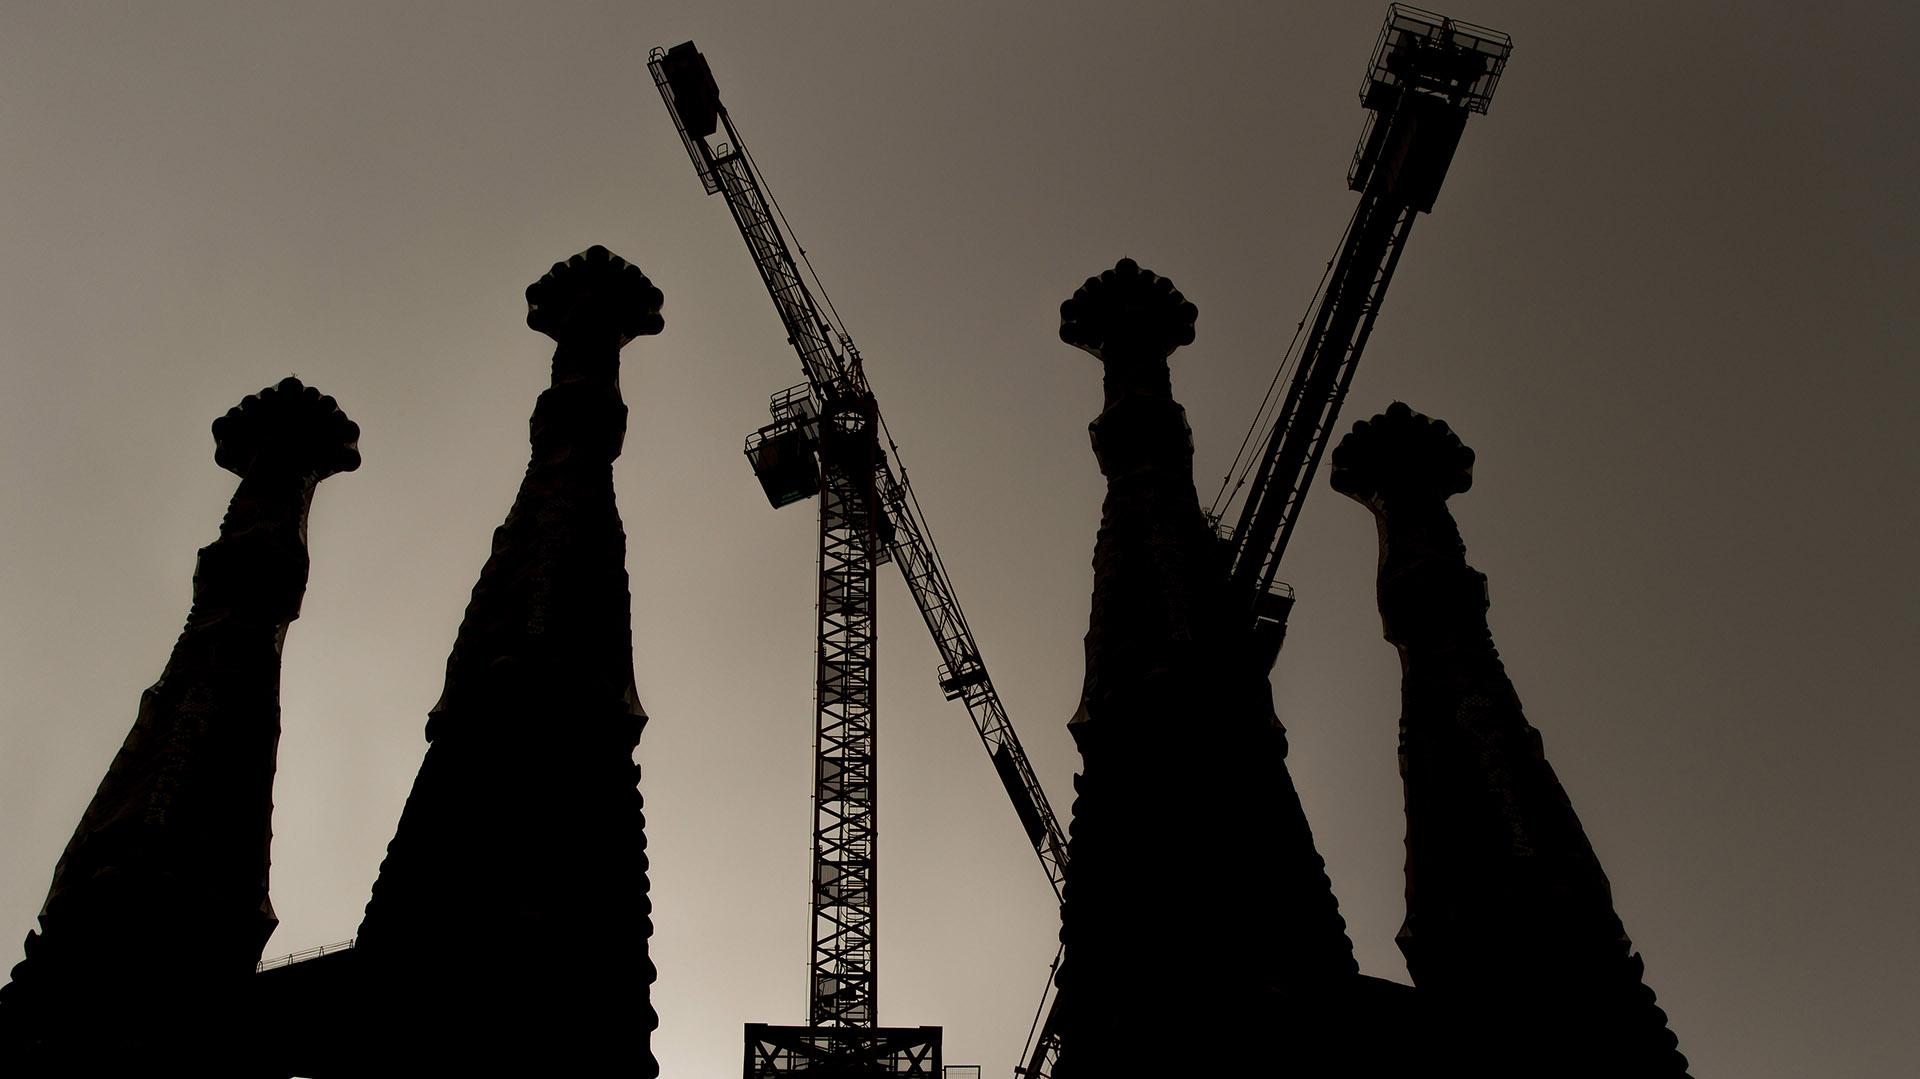 Las torres o campanarios tienen una atura de 112 metros las dos centrales y de 107 metros las exteriores. Absolutamente accesibles por medio de escaleras, son los elementos principales y más característicos de la fachada